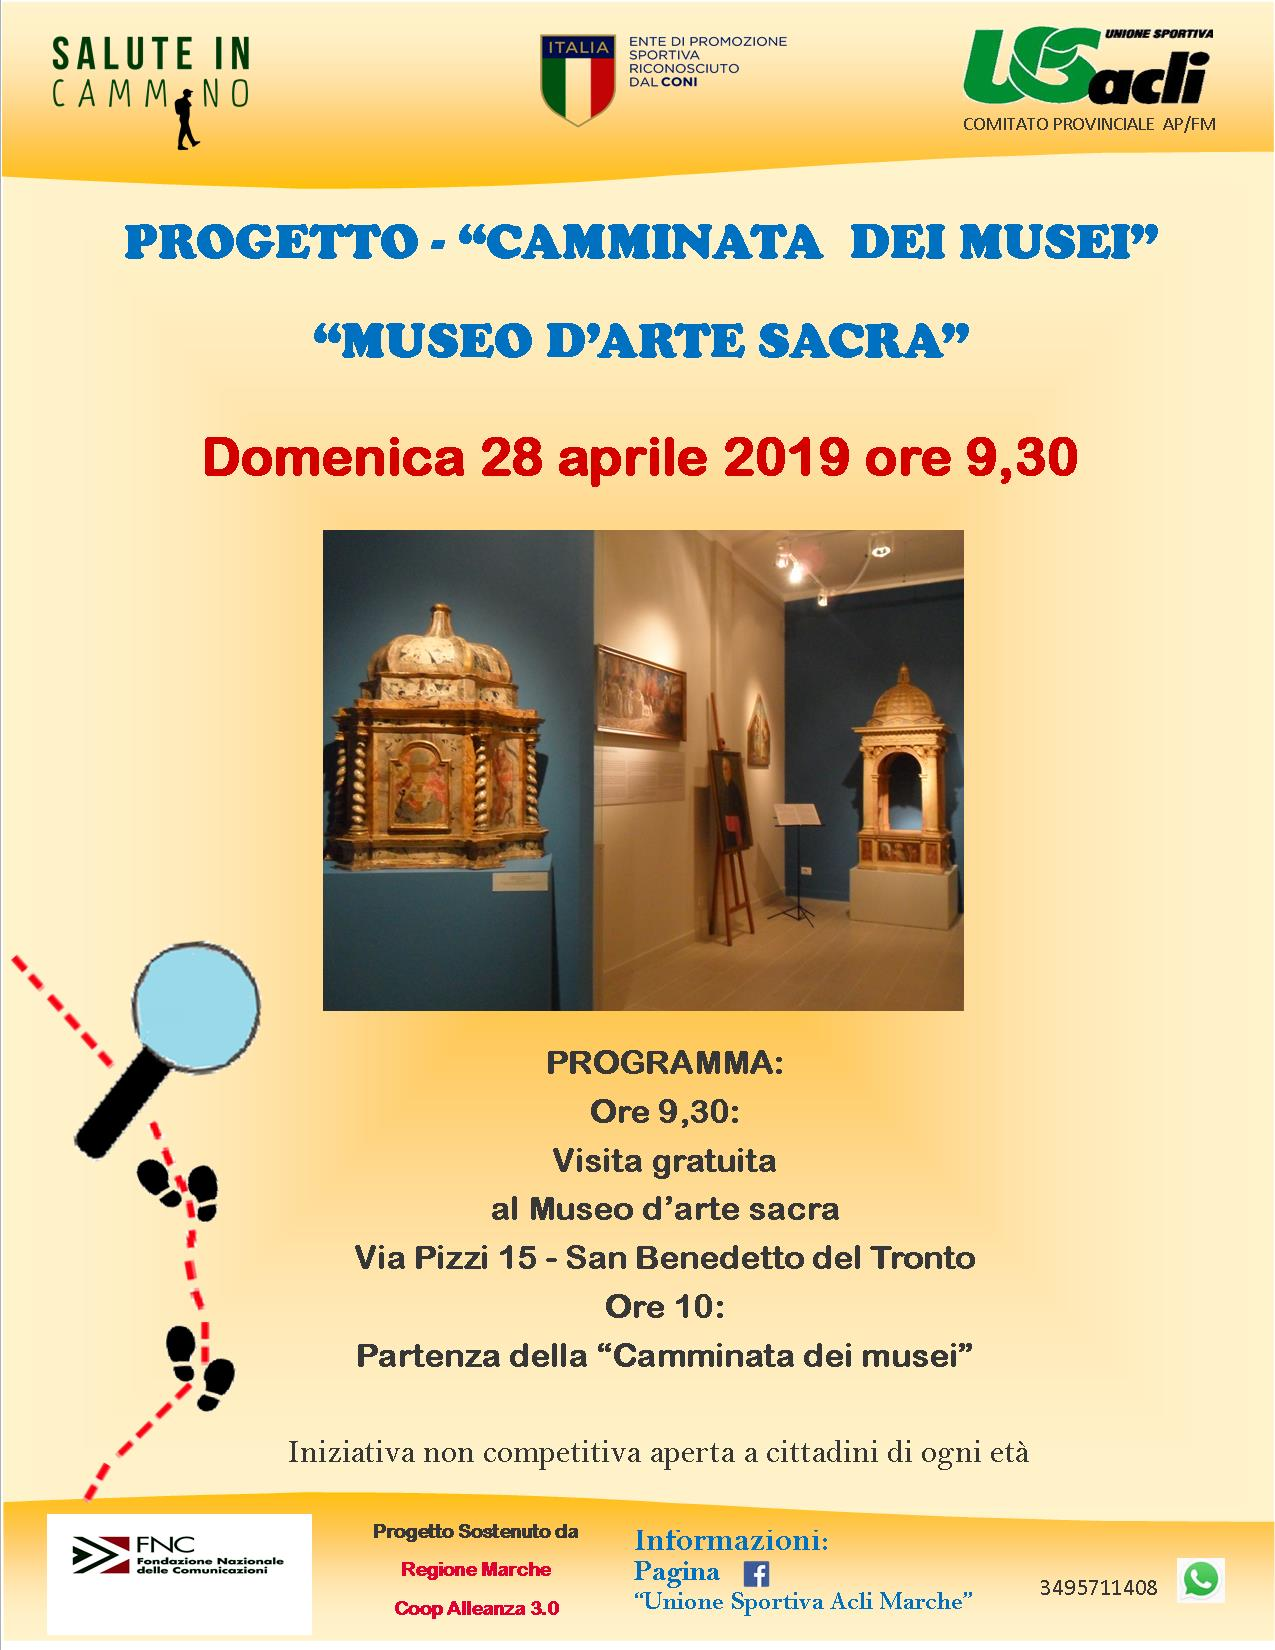 CAMMINATA DEI MUSEI 28.04.2019